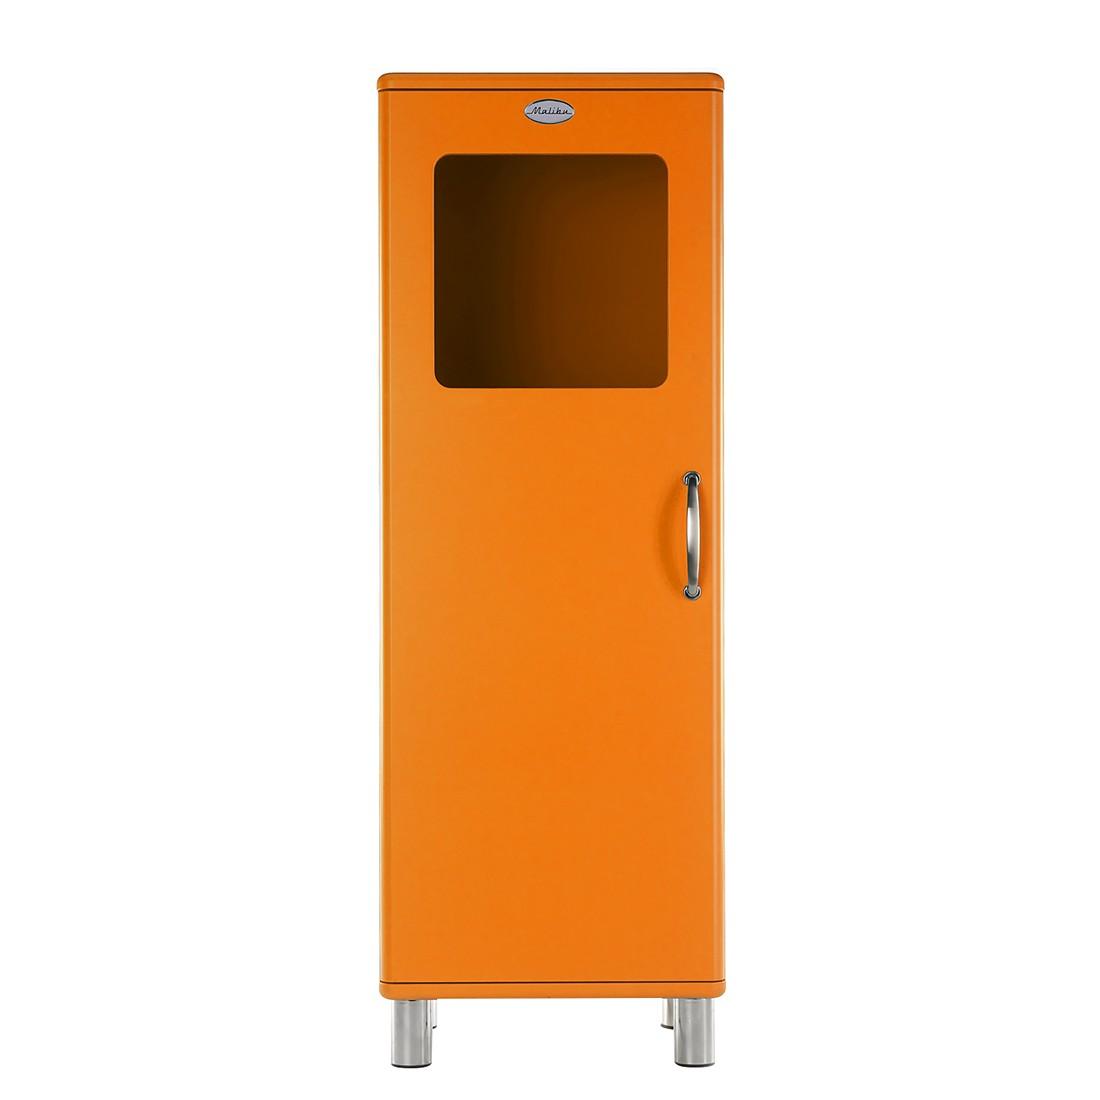 home24 Vitrine Malibu I | Wohnzimmer > Vitrinen > Standvitrinen | Orange | Glas - Holzwerkstoff | Tenzo